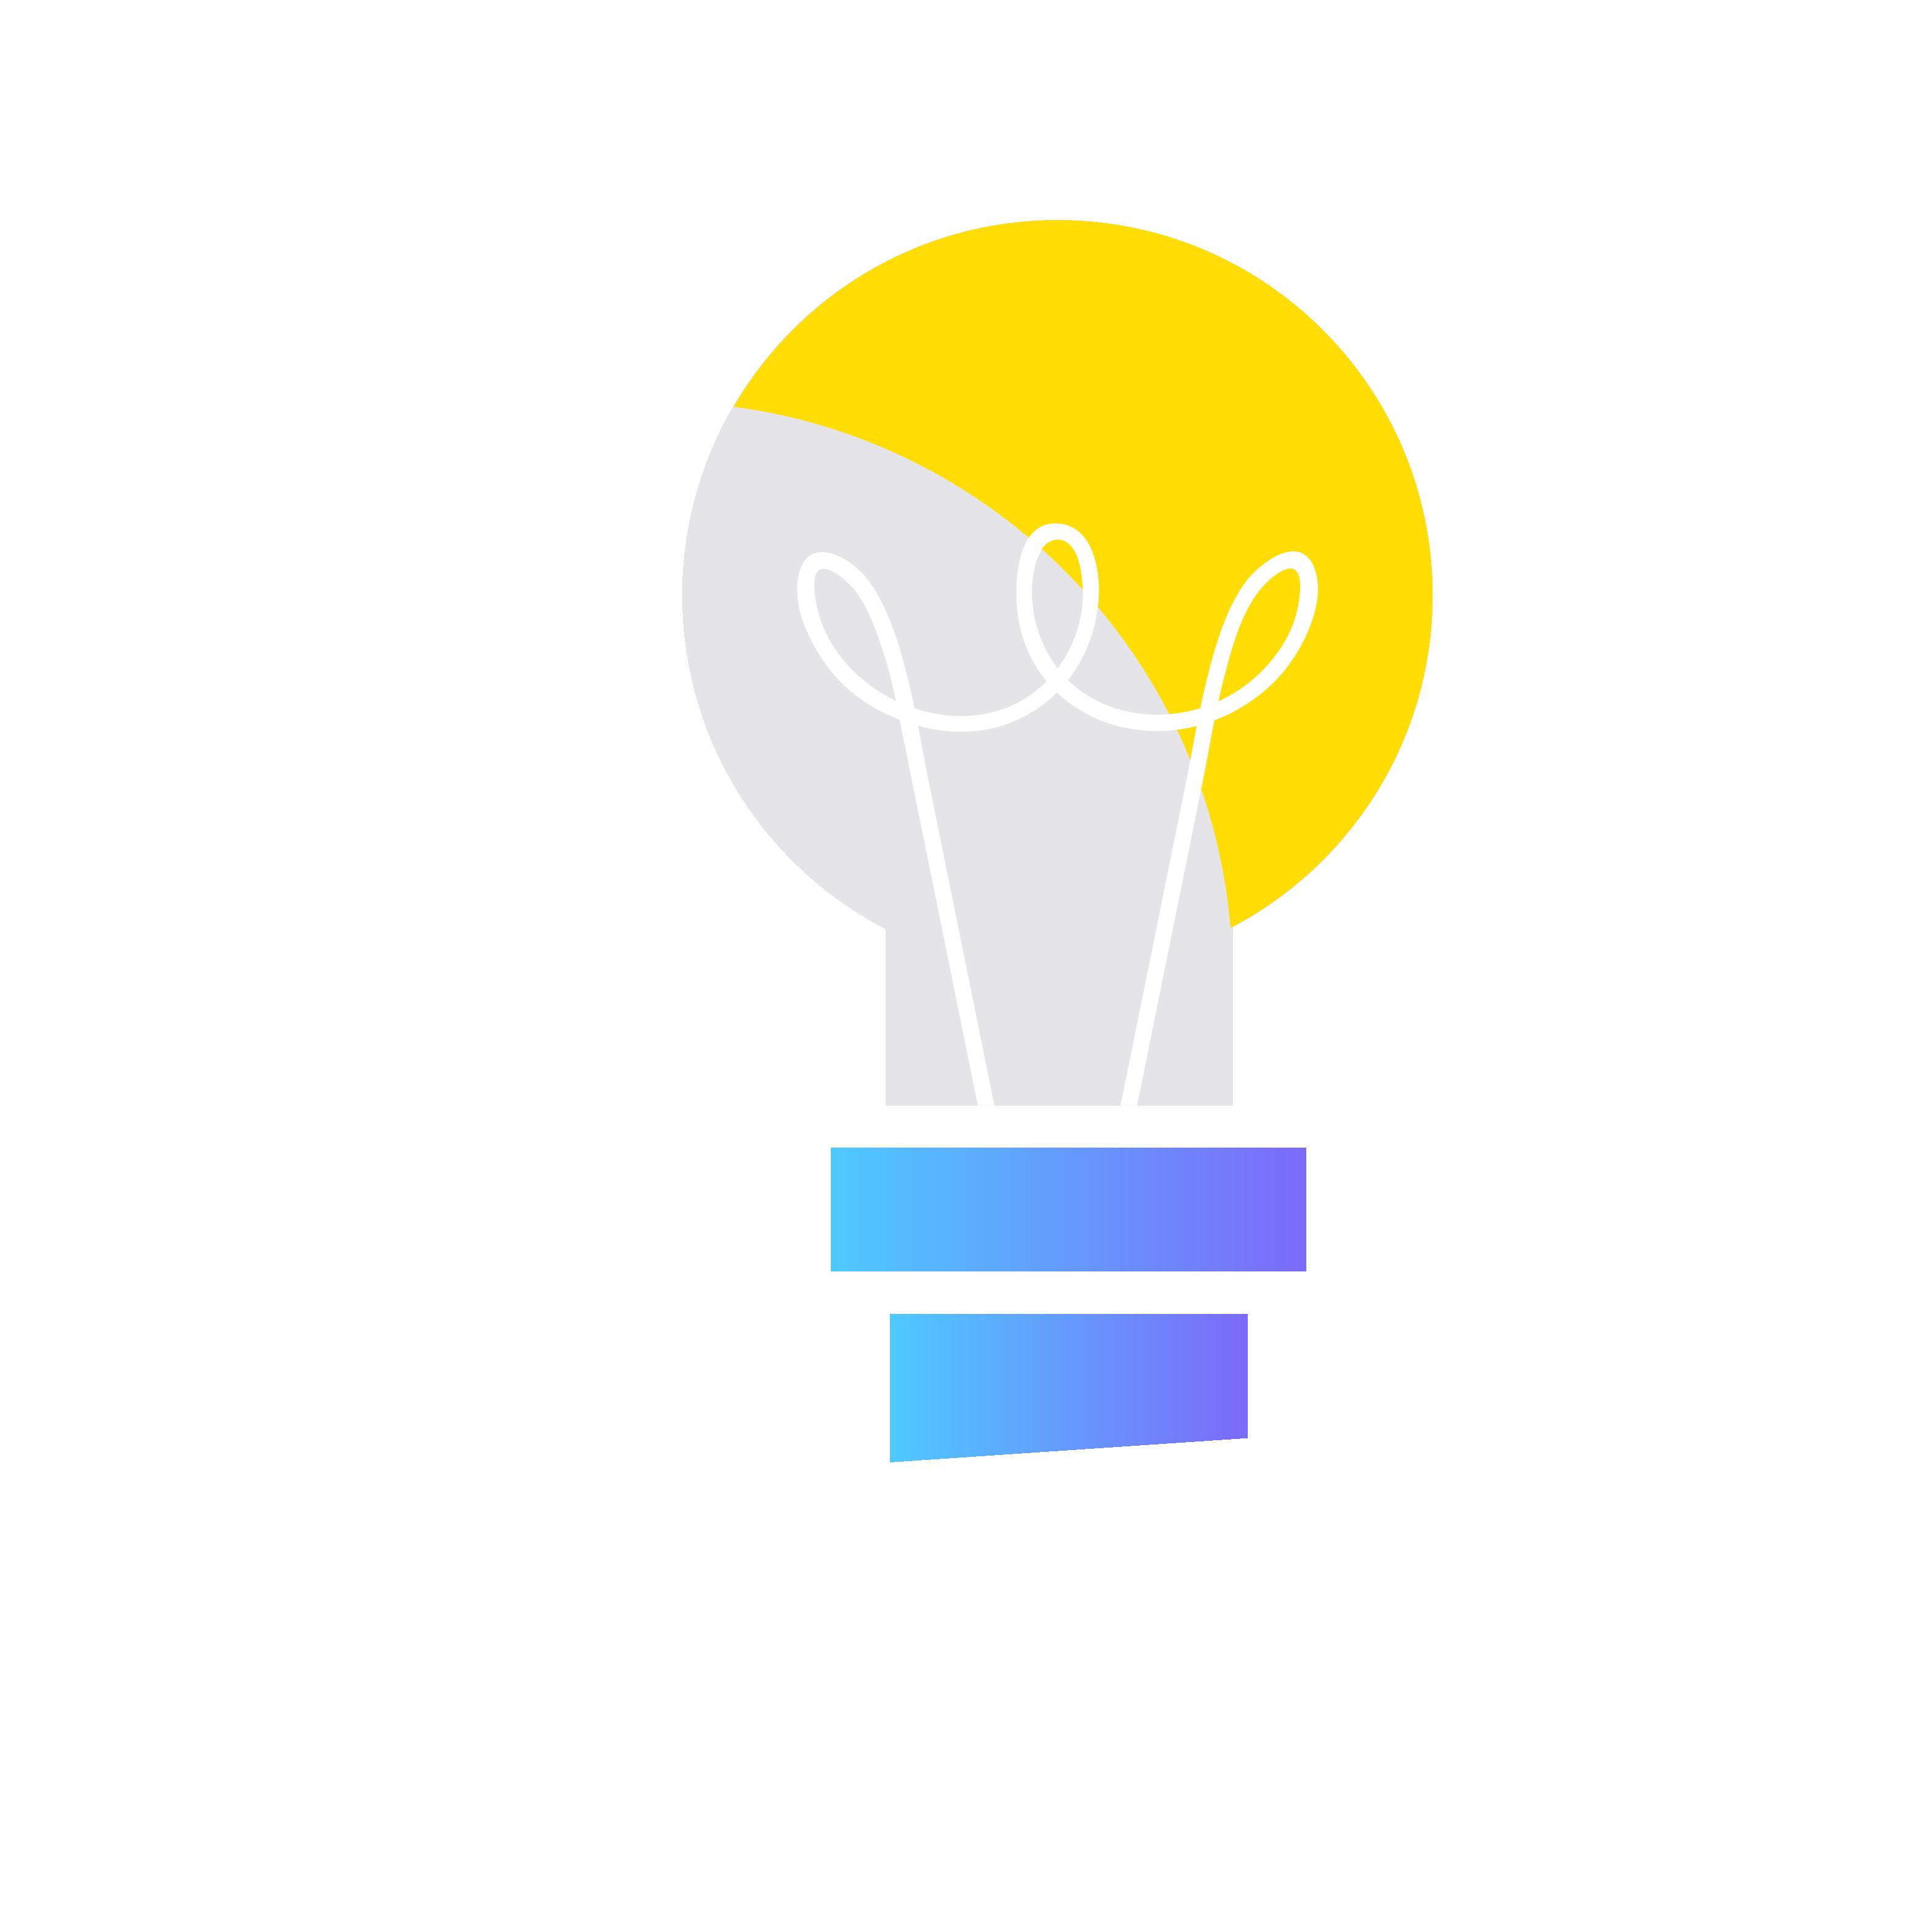 YOOBIC Value Innovation